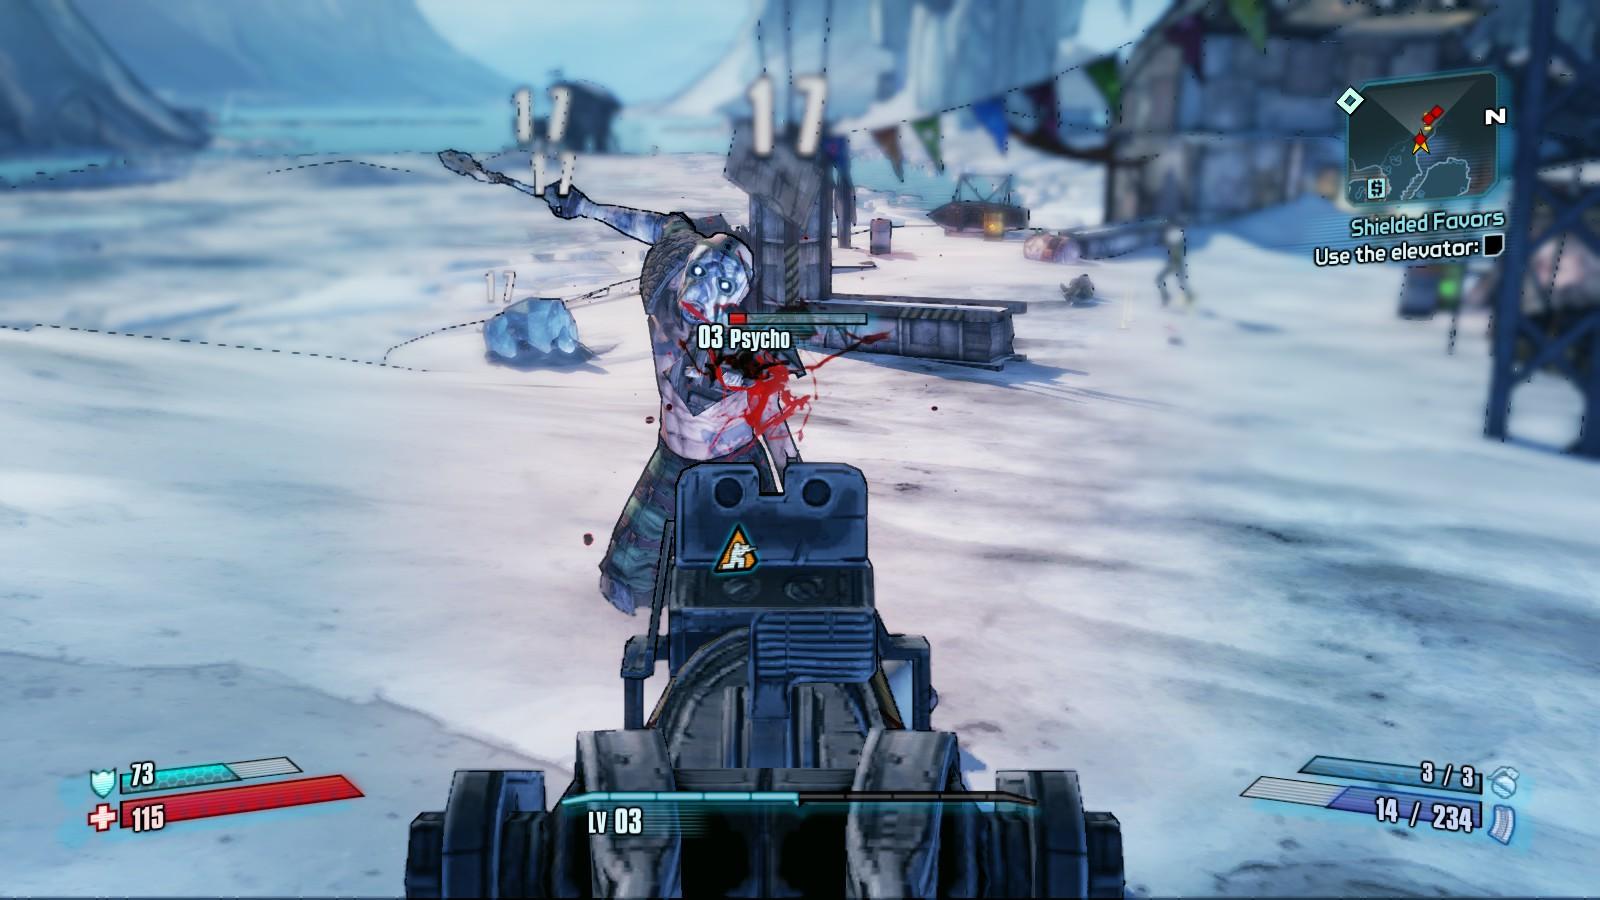 Nejzajímavější události týdne: Borderlands 2, FIFA 13, Dragon Age, Black Ops 2, Dead Island: Riptide (38. týden) 70525